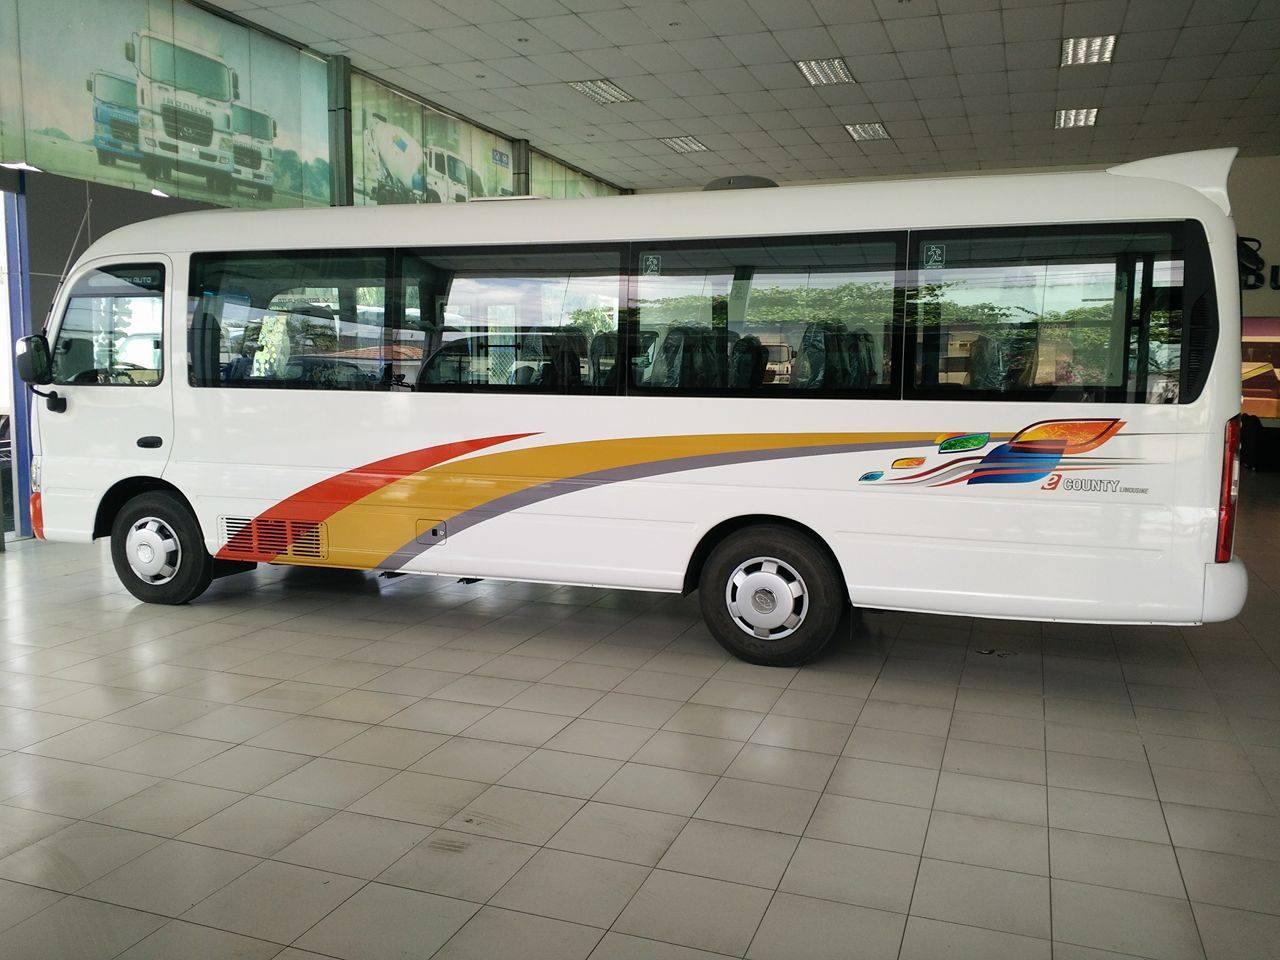 xe-khach-29-cho-hyundai Báo giá xe khách 29 chỗ Hyundai Cuonty XL thân dài nhập khẩu 3 cục Đô Thành | Hyundai Bình Chánh